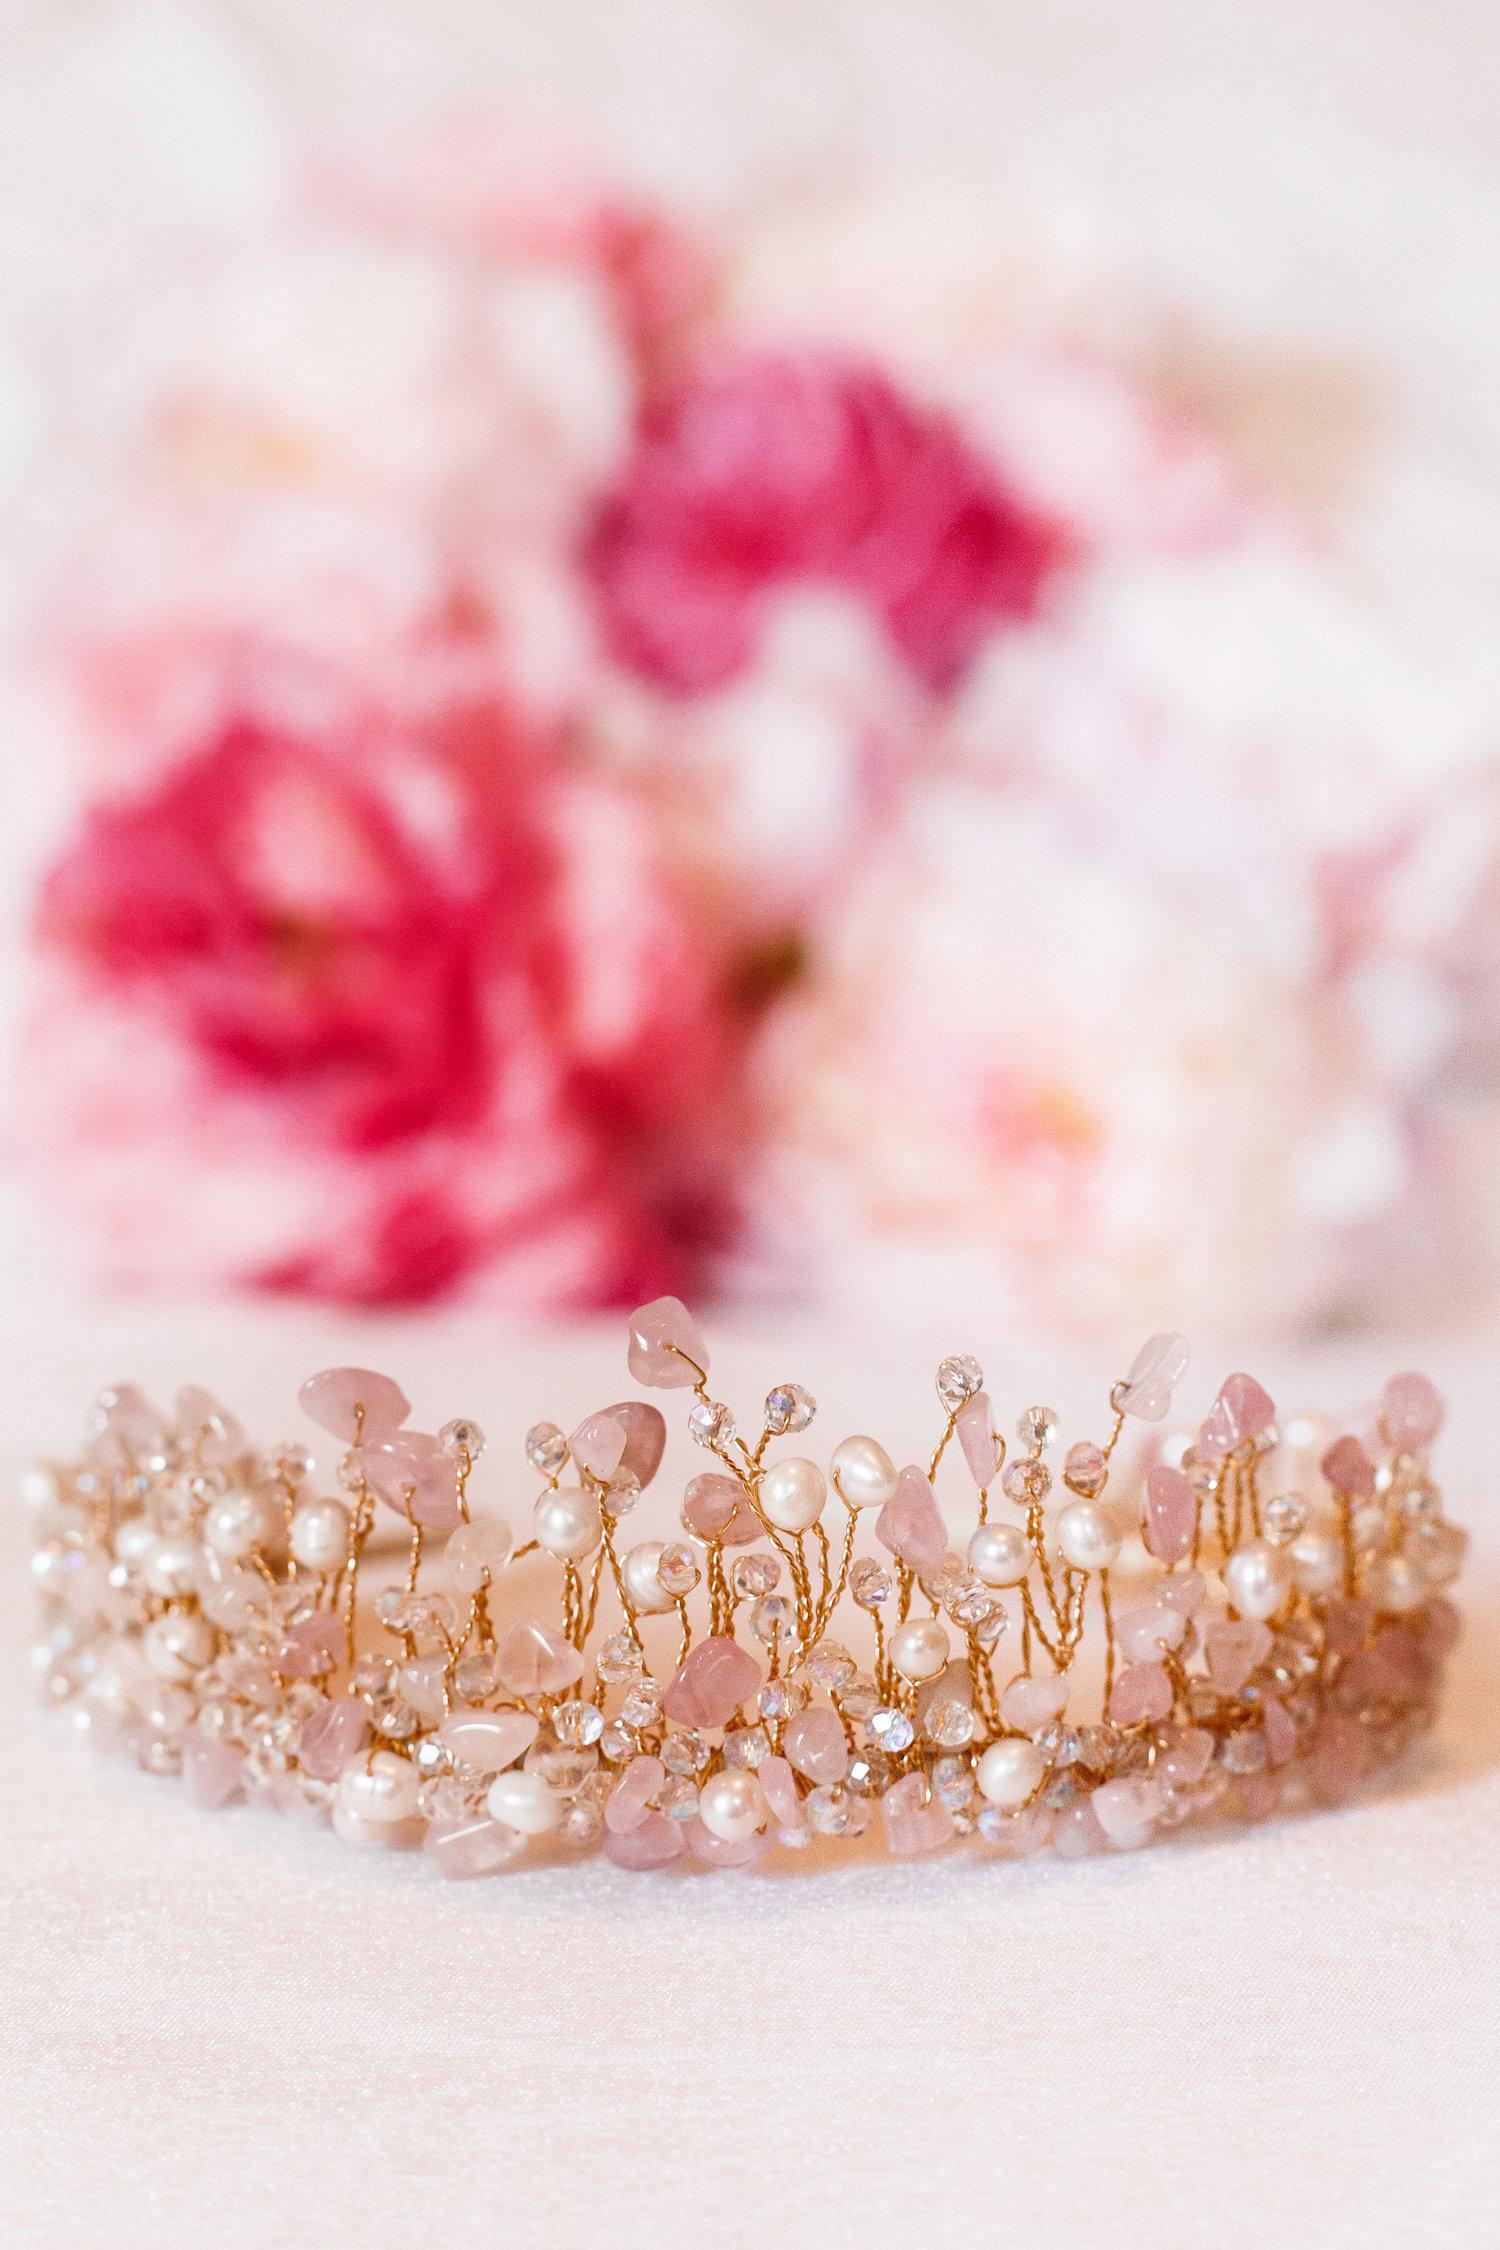 couture-bridal-accessories-090316-Fancy-Bowtique-6.jpg